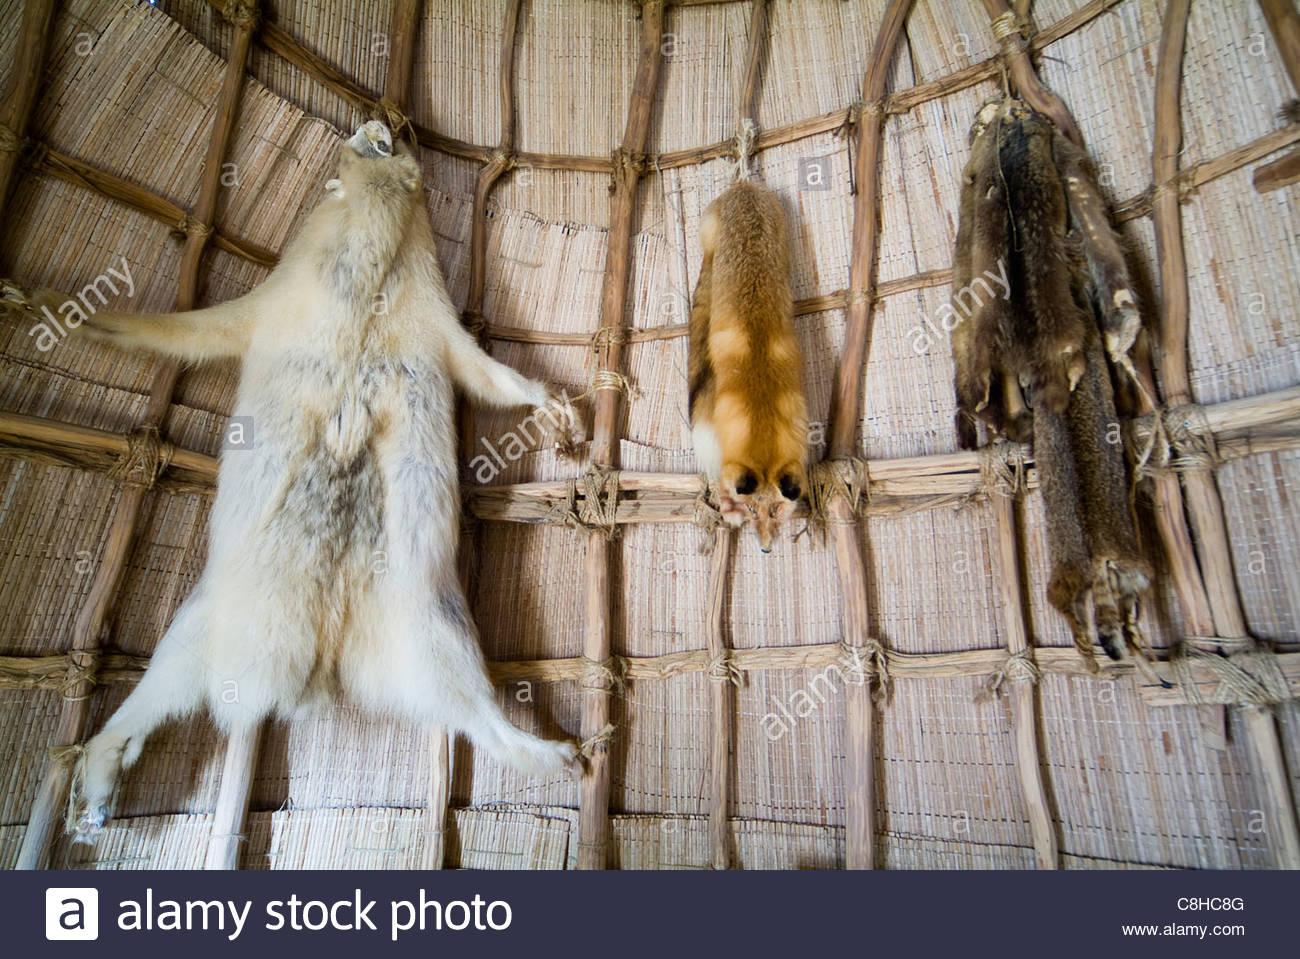 Jamestown Settlement replica nativa della casa americana fatta di legno e stuoie tessute. Immagini Stock